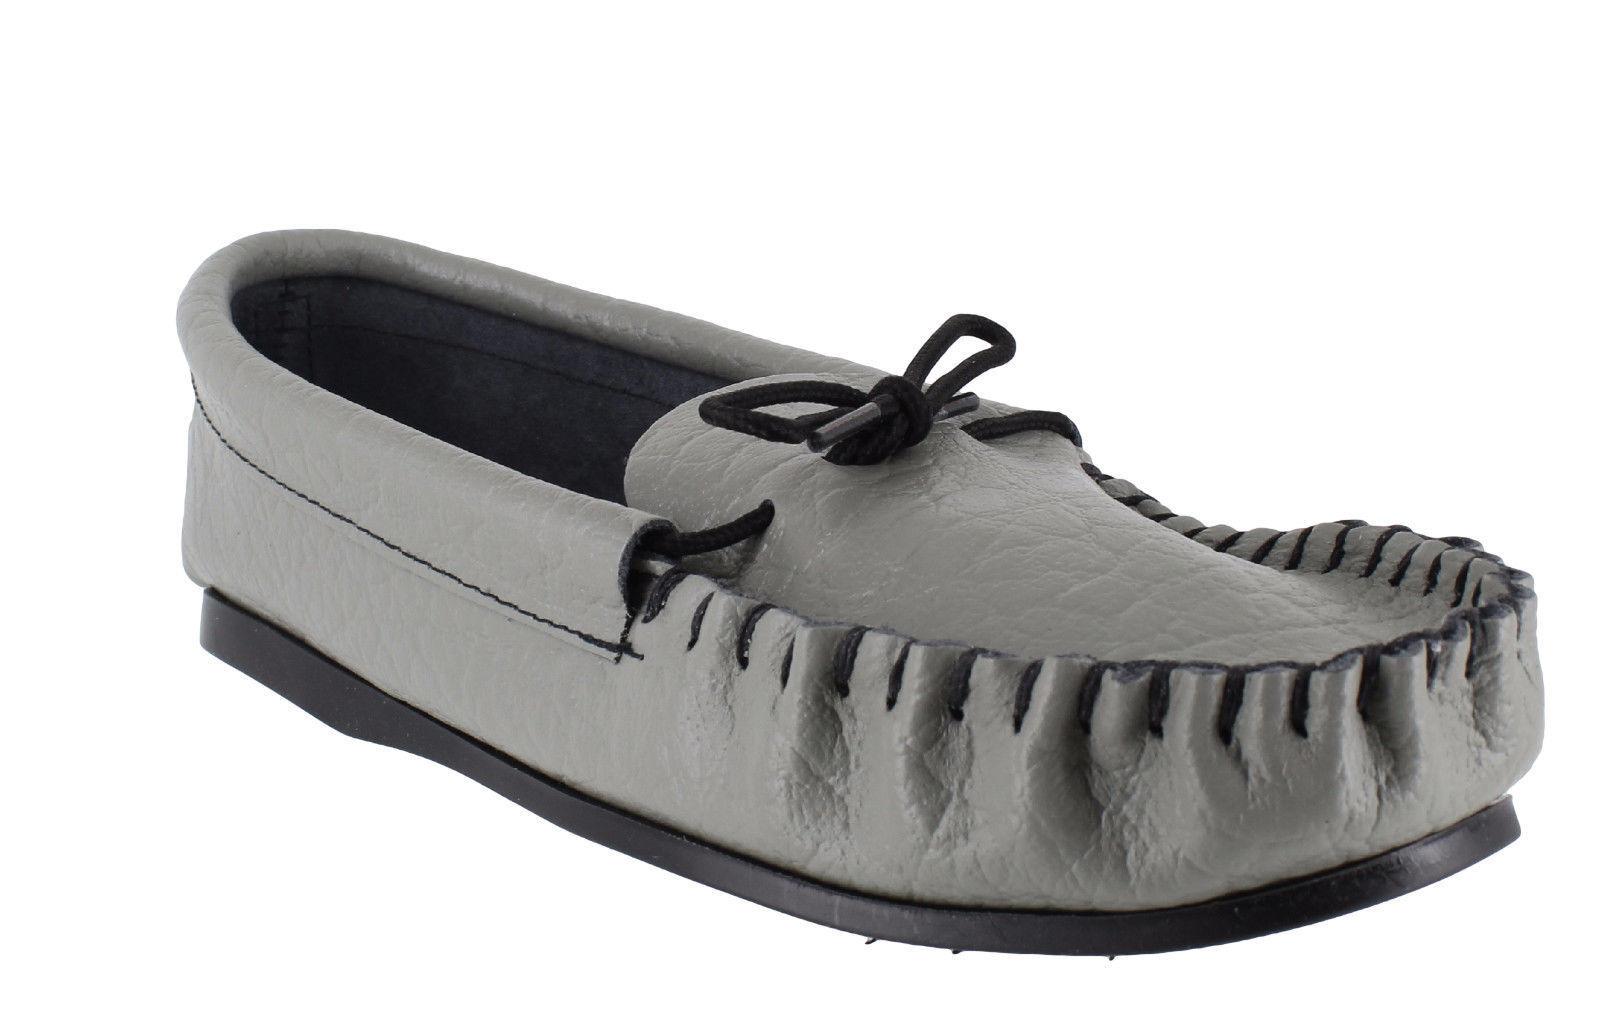 Británico Hecho Mocasines a mano Hombre Informal Cuero Gris Mocasines Hecho MOCCASINS Zapatillas 934c3f